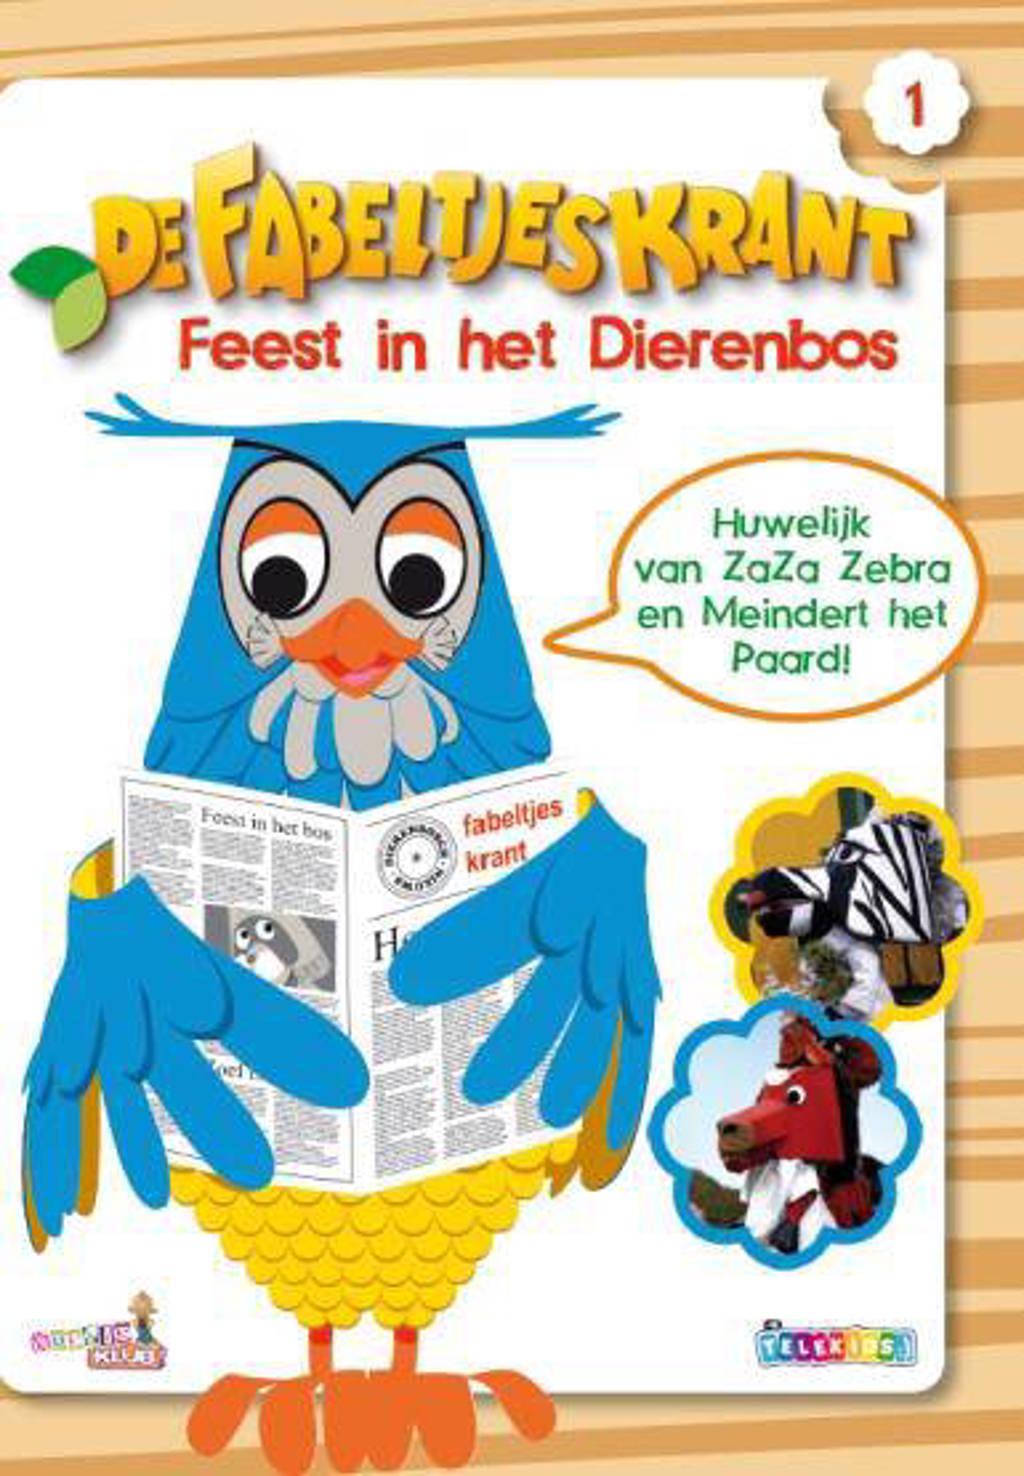 Fabeltjeskrant - Feest in het dierenbos (DVD)